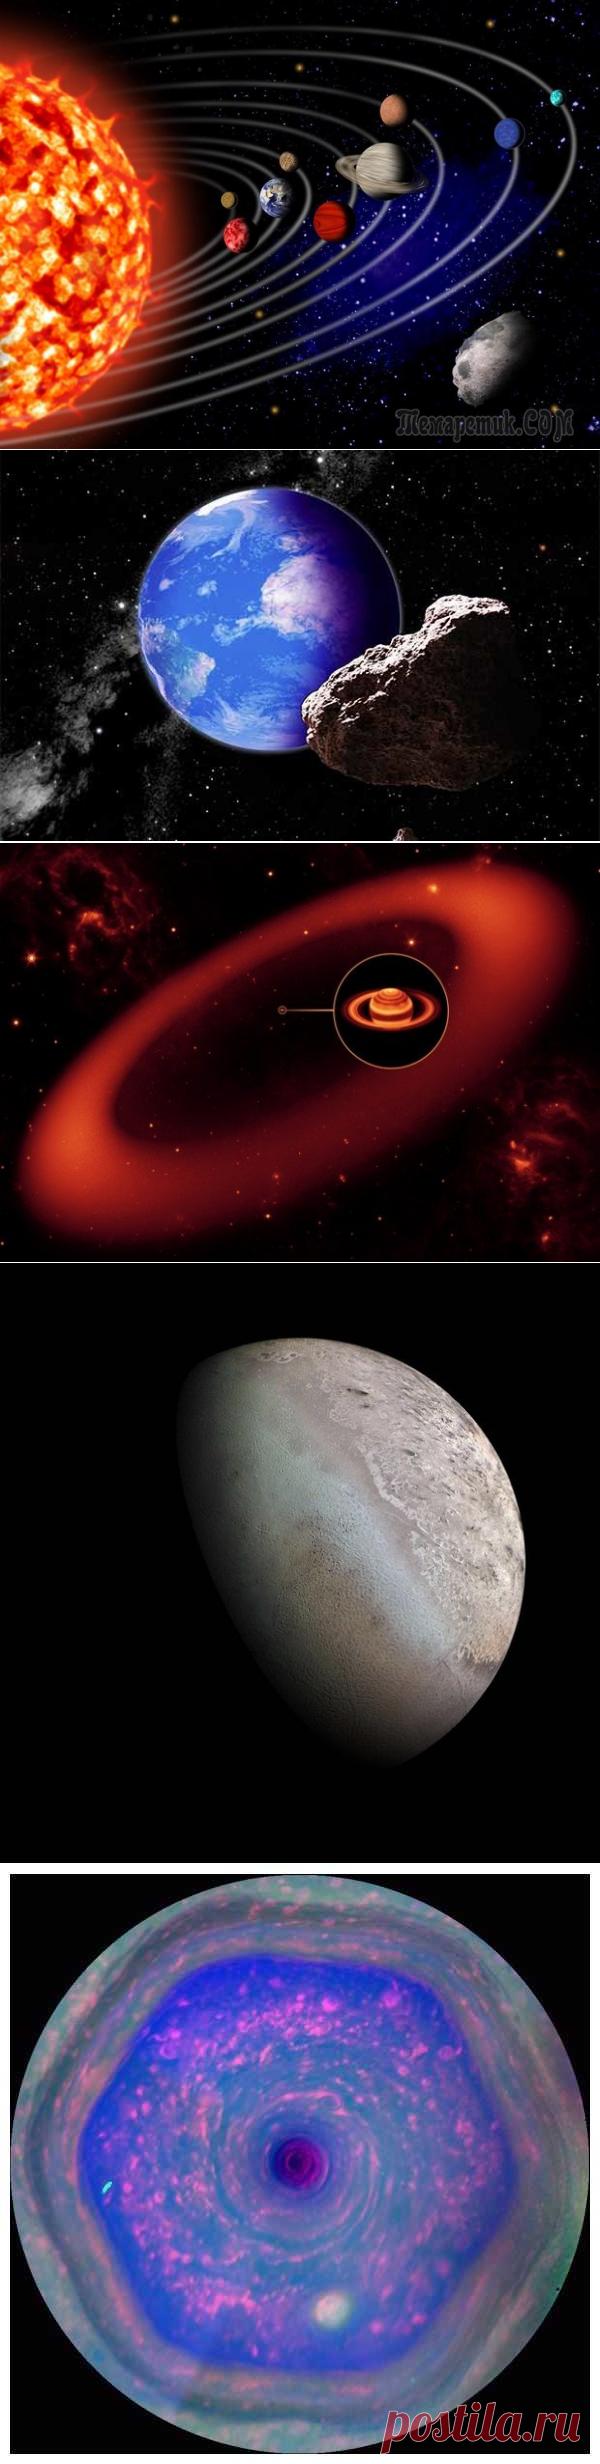 10 неизвестных объектов Солнечной системы